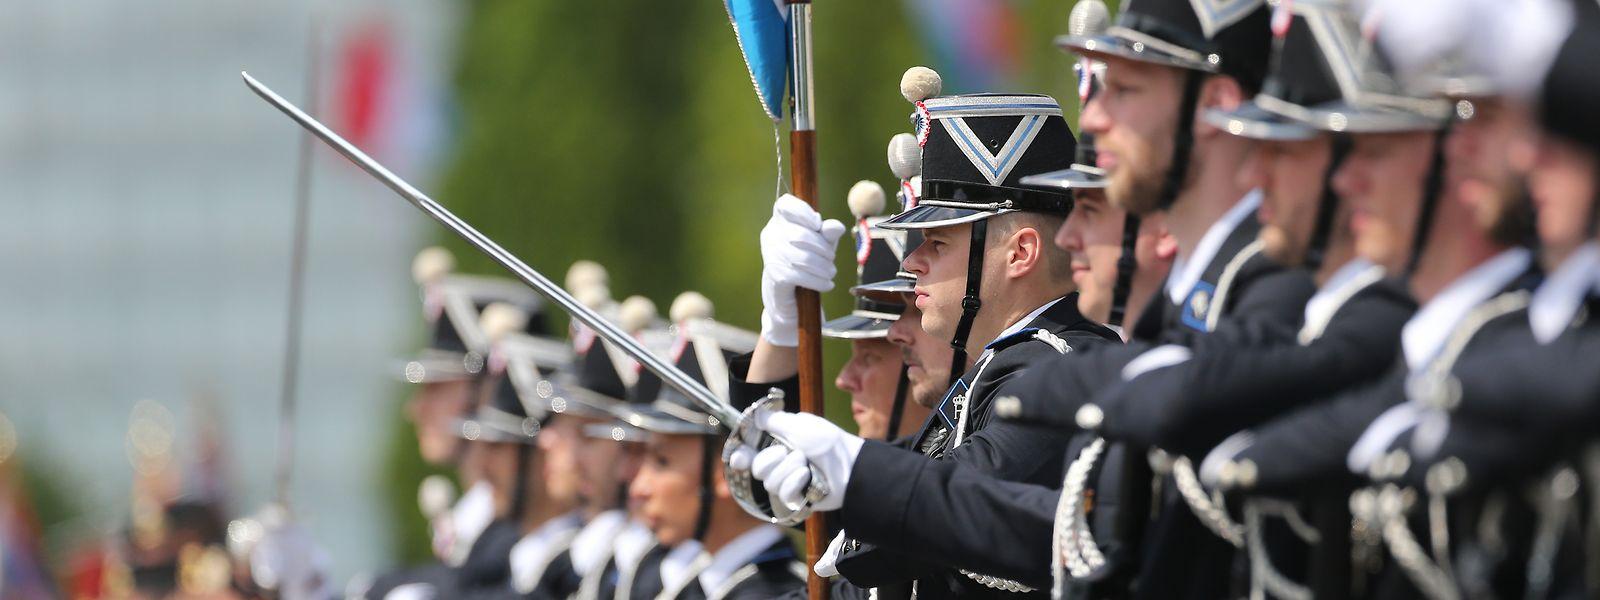 Die Polizei hat bereits einen langen Reformprozess hinter sich.